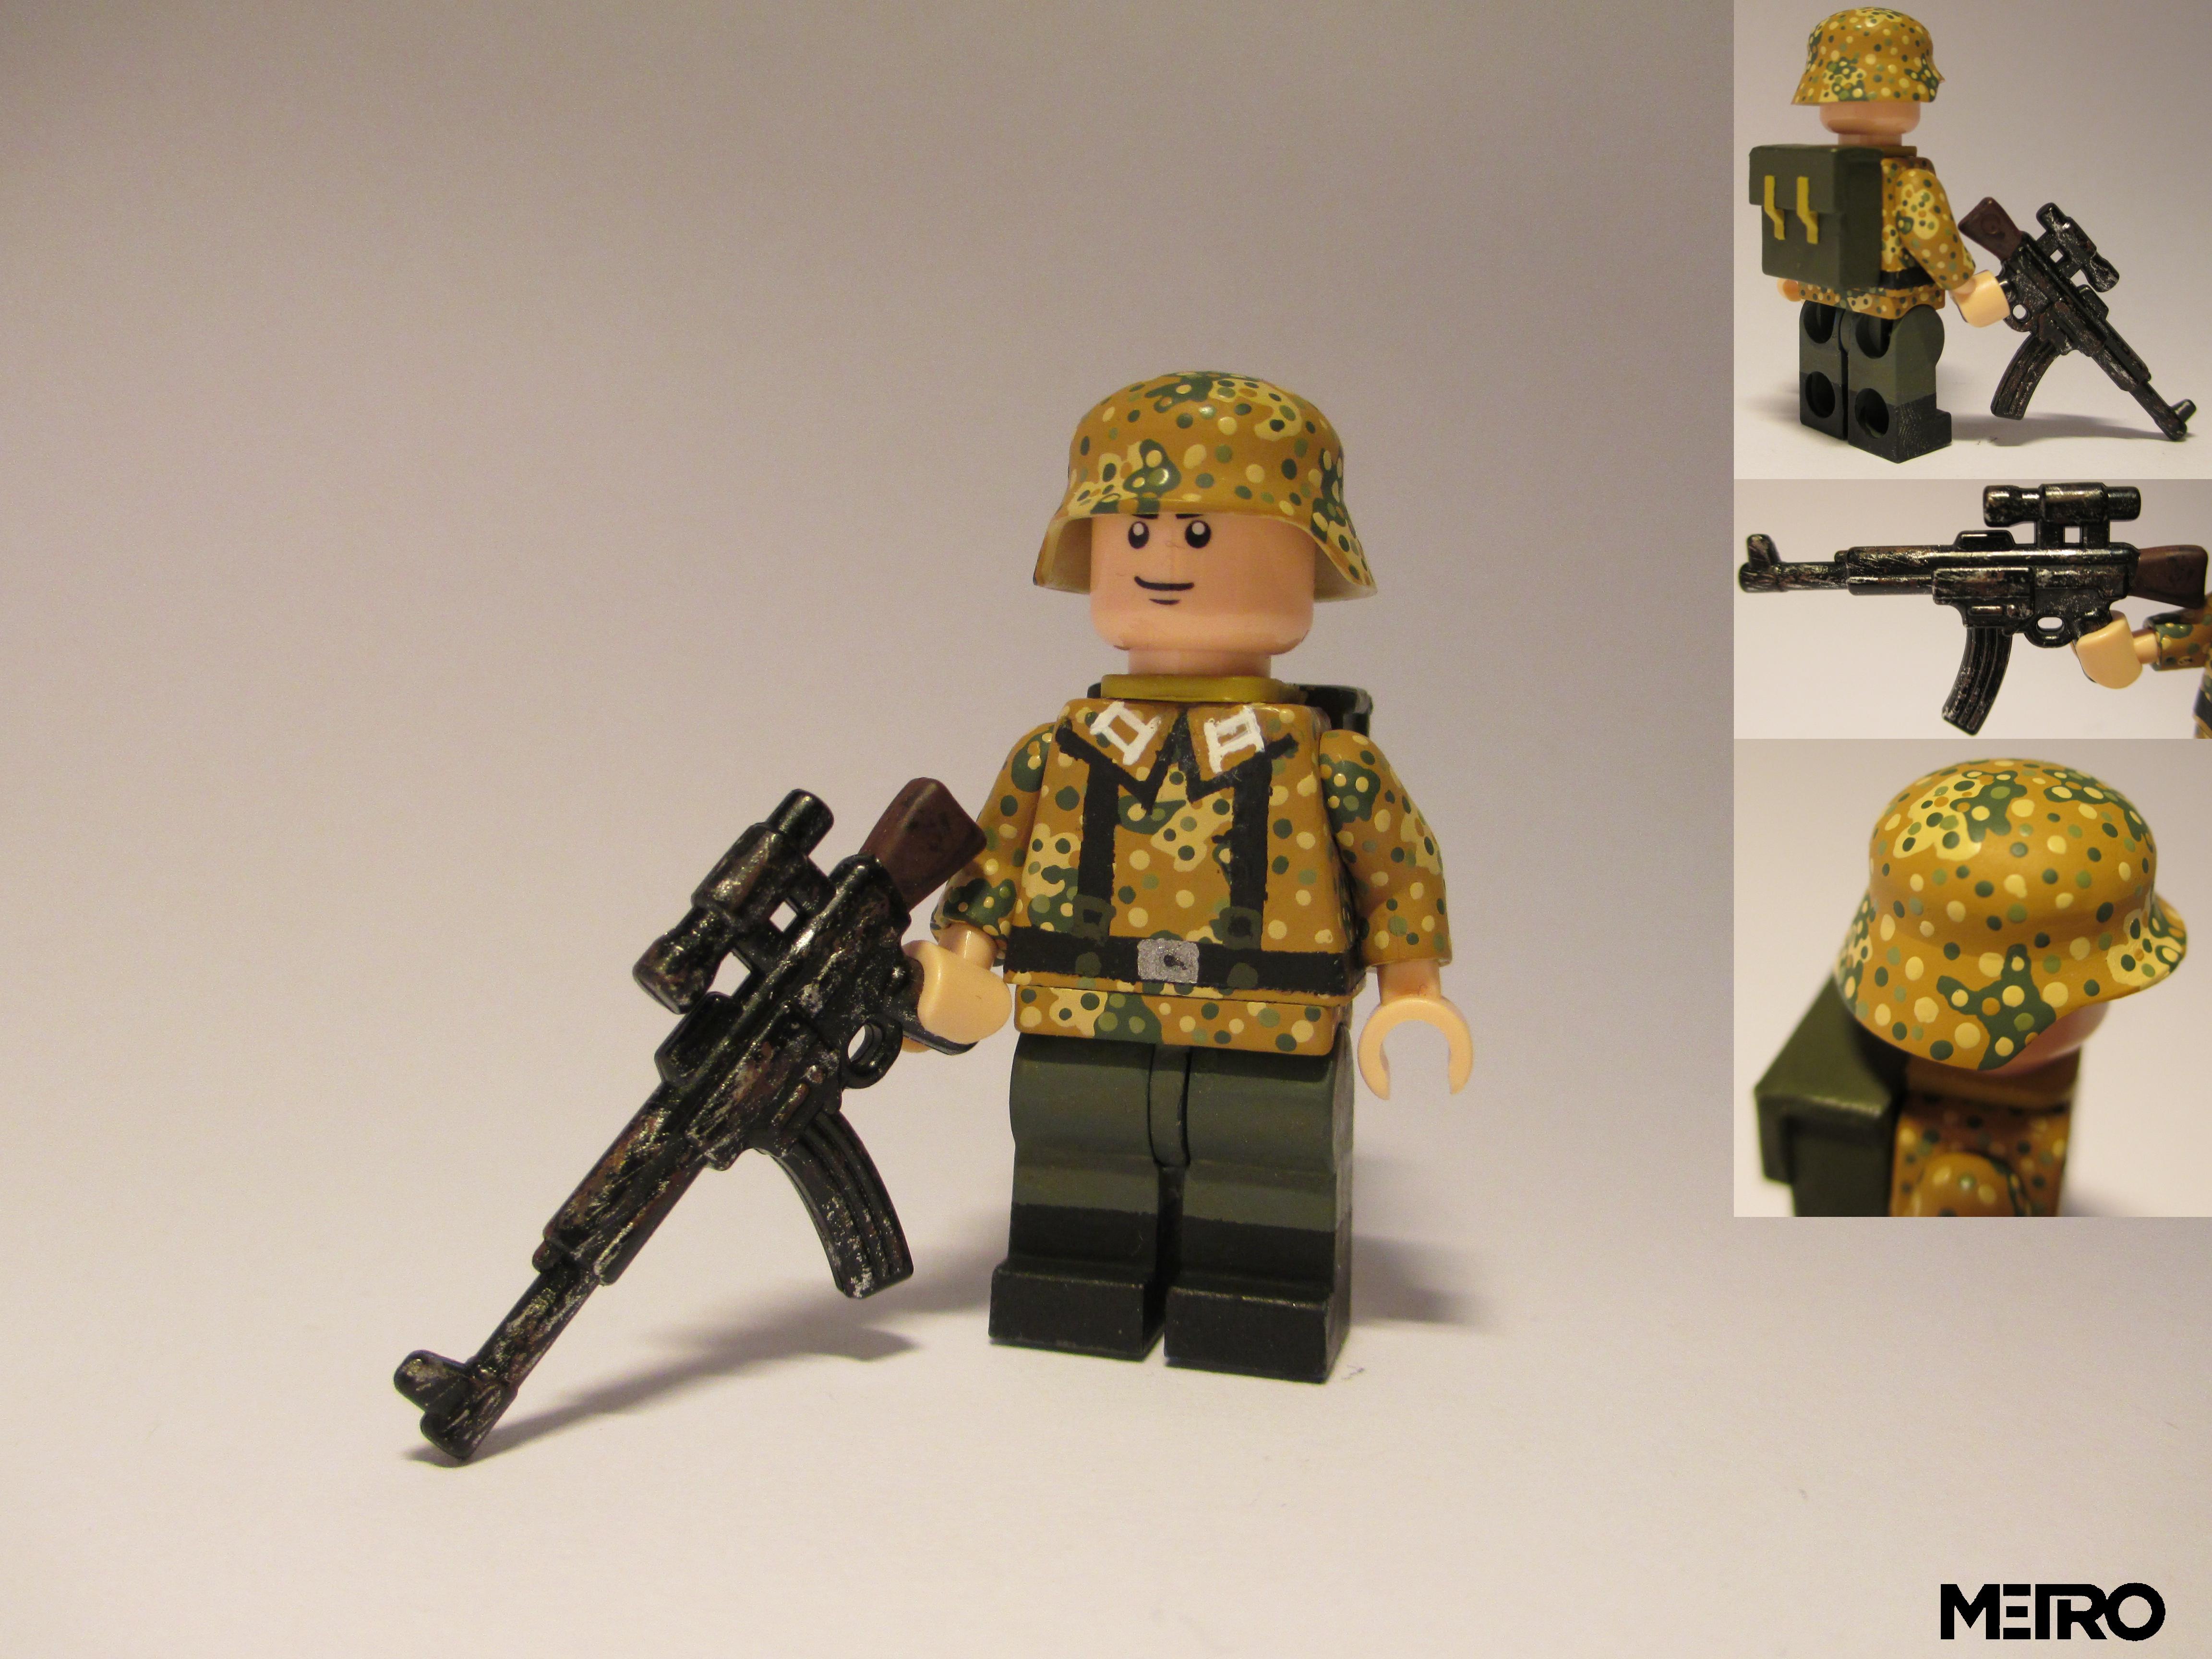 Hintergrundbilder : Soldat, Wwii, Camo, Deutsche, Ww2